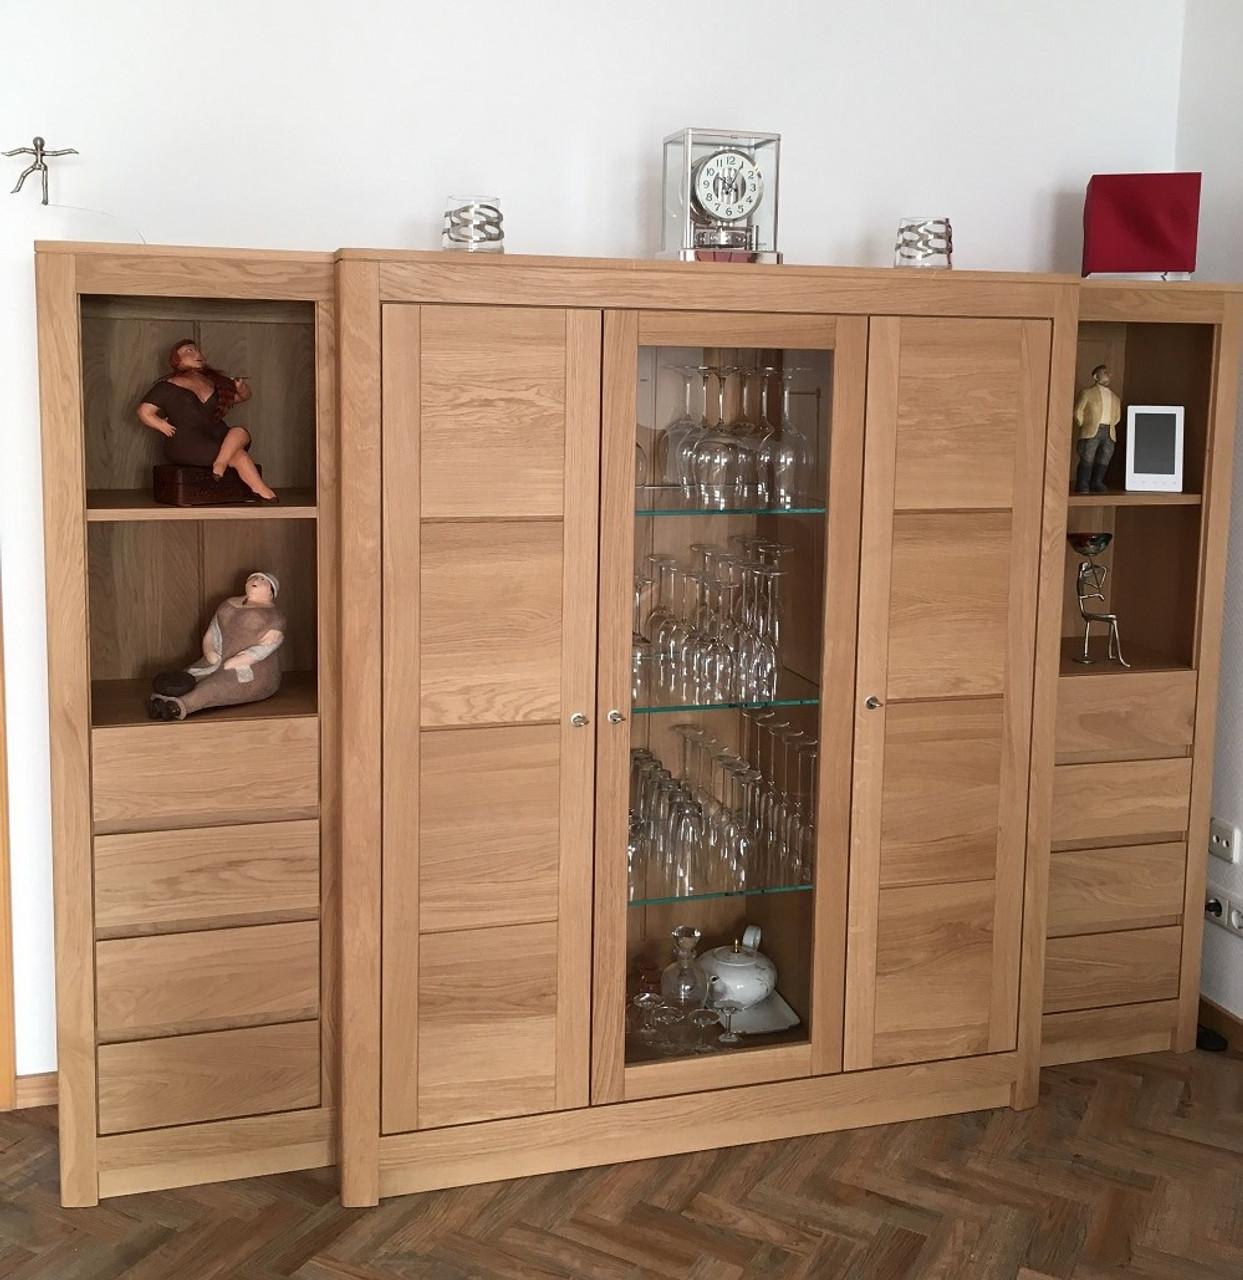 Haltern Schrank Mit Vorbau Wohnzimmerschrank Wohnschrank Eiche